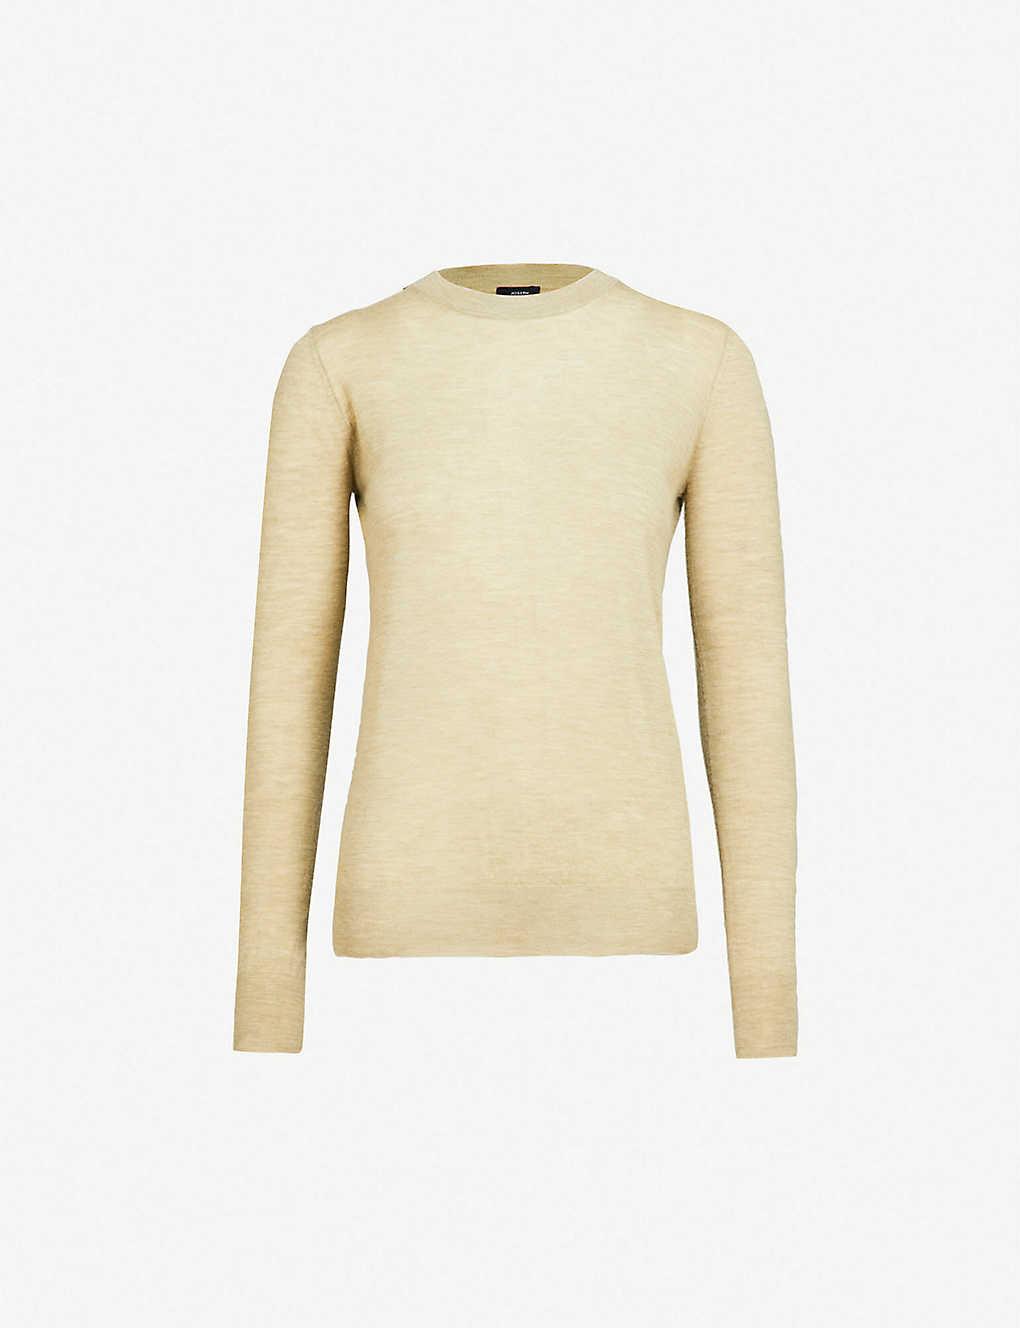 93423139fab JOSEPH - Cashair round-neck cashmere top | Selfridges.com